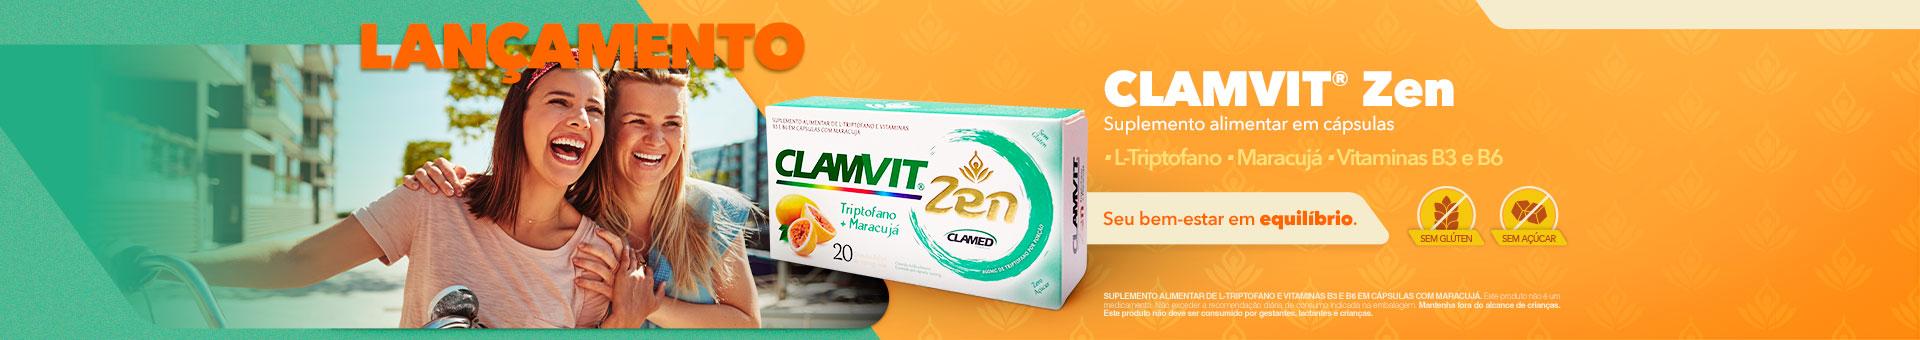 Banner Clamvit Zen Desktop